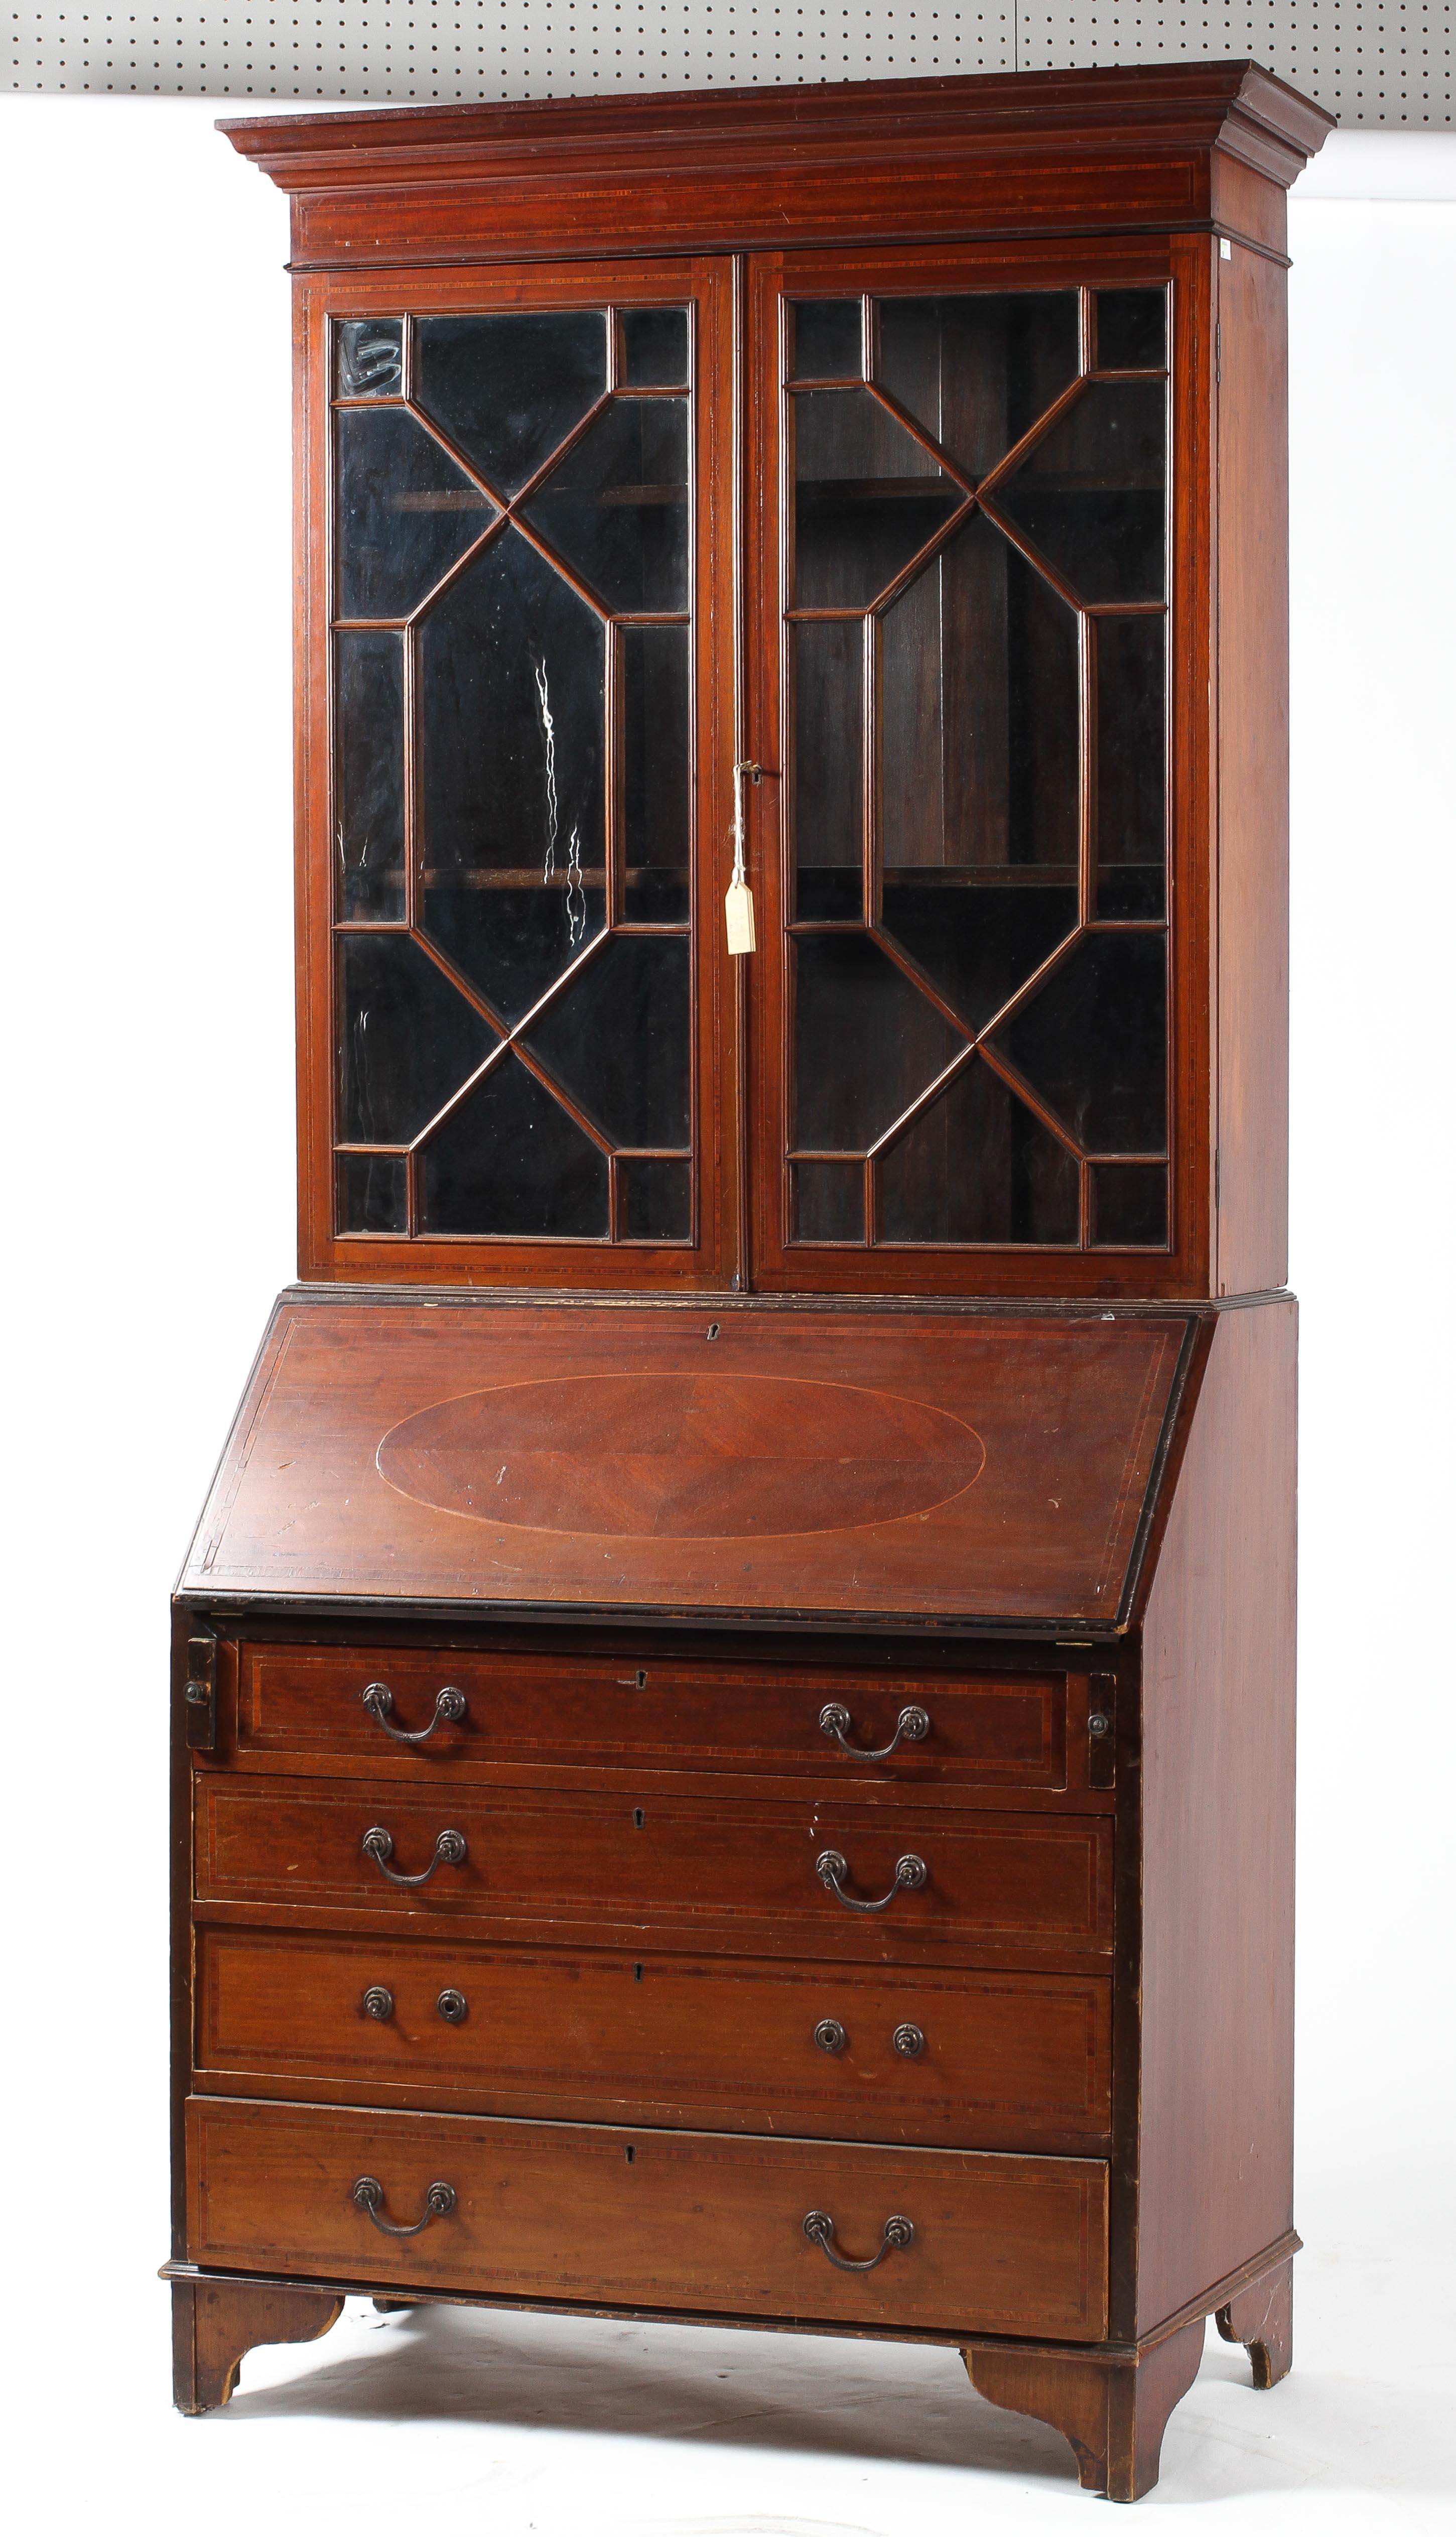 A Georgian style mahogany and inlaid bureau bookcase,